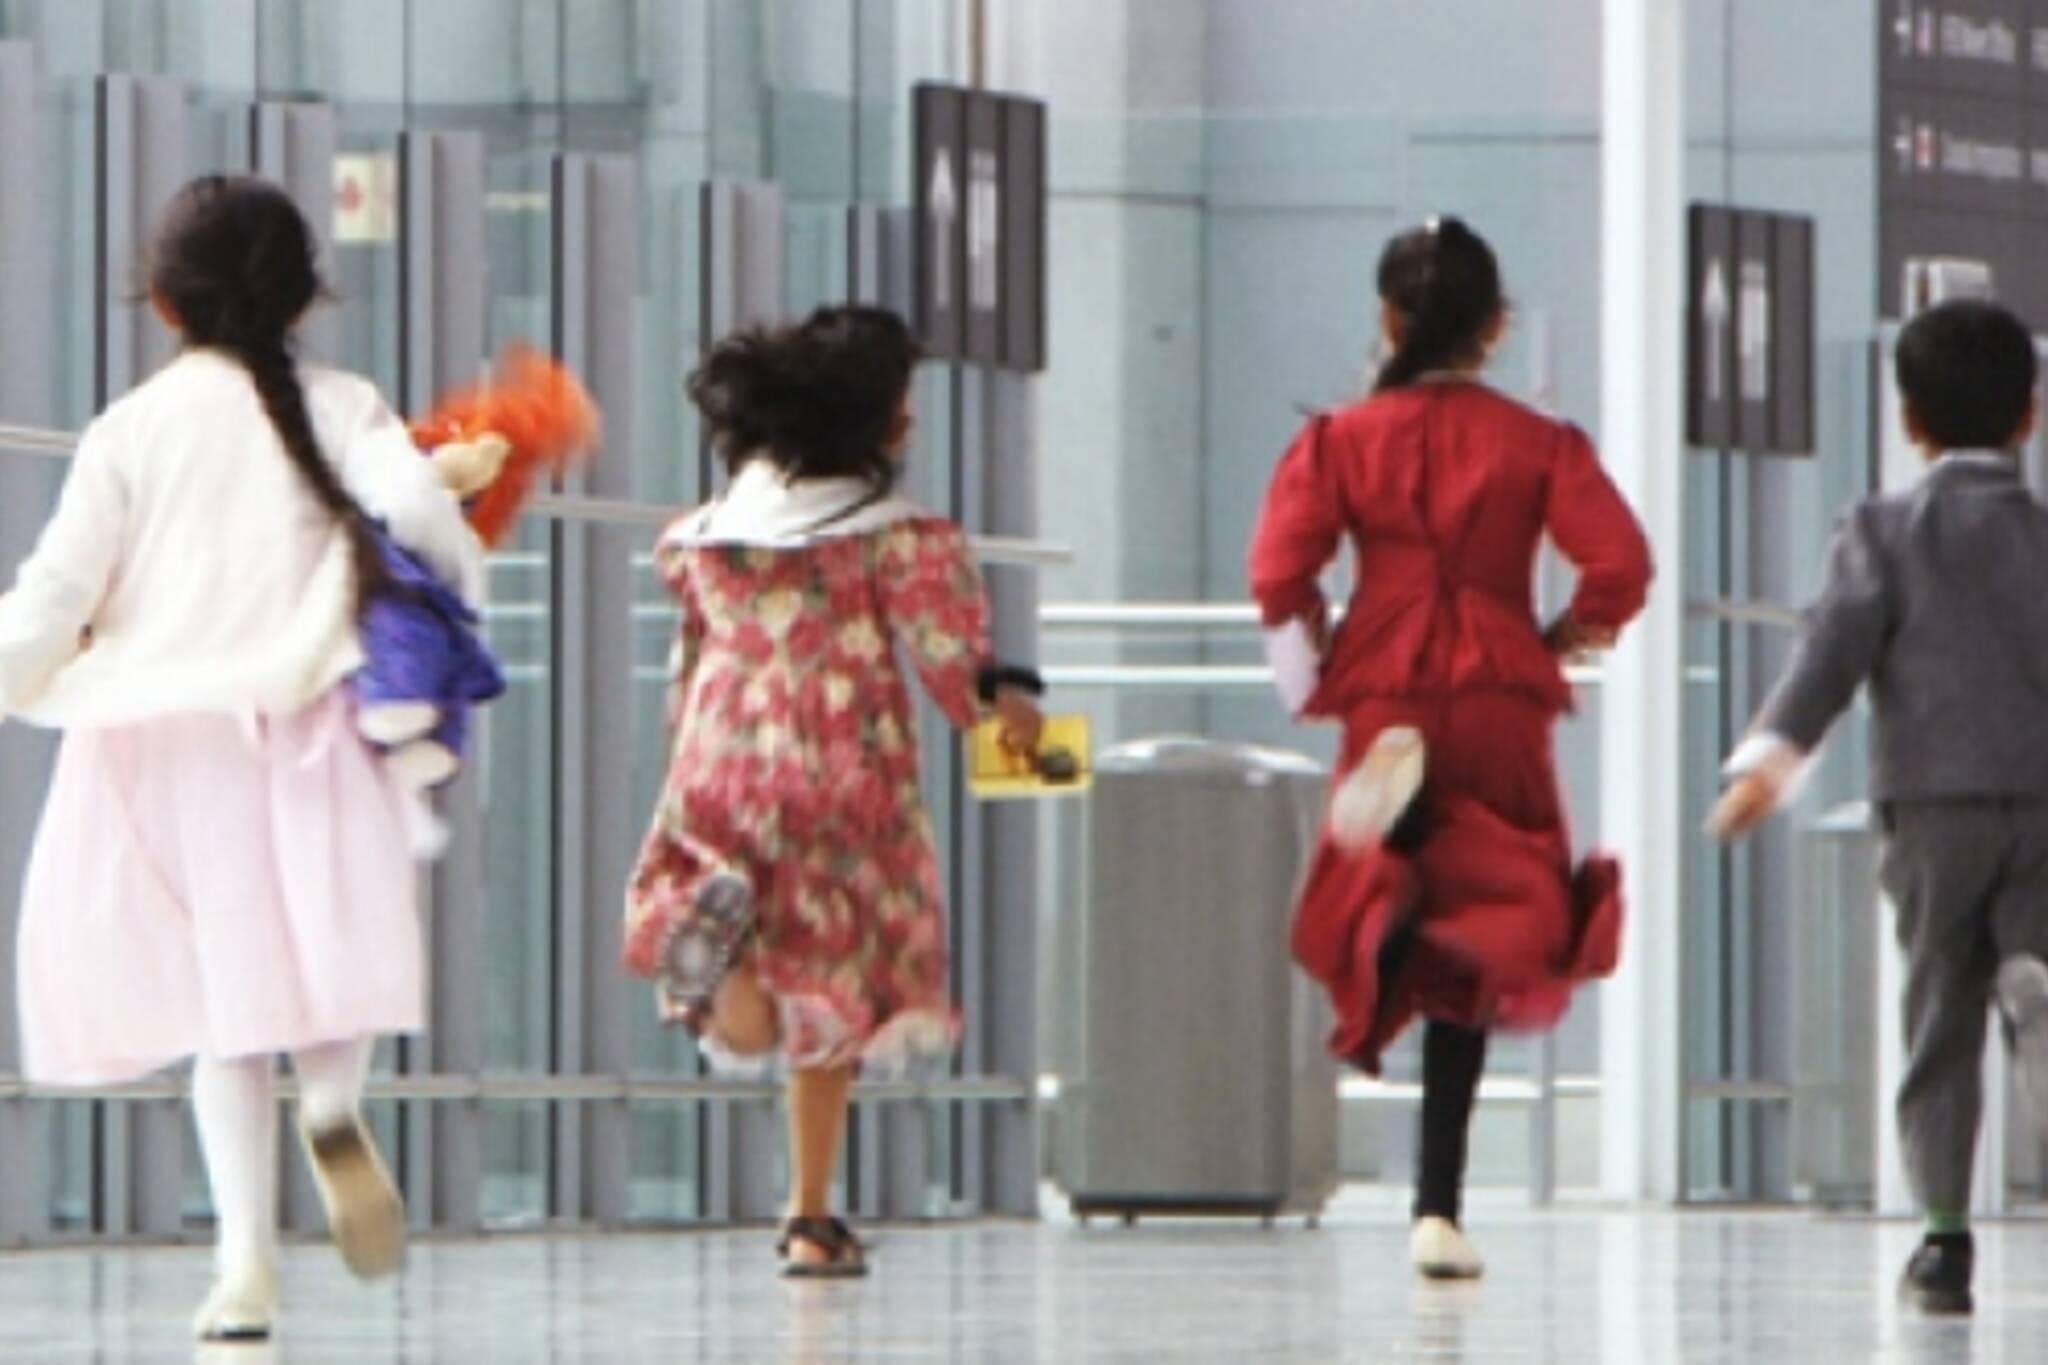 Air India 182 plays at Hot Docs 2008